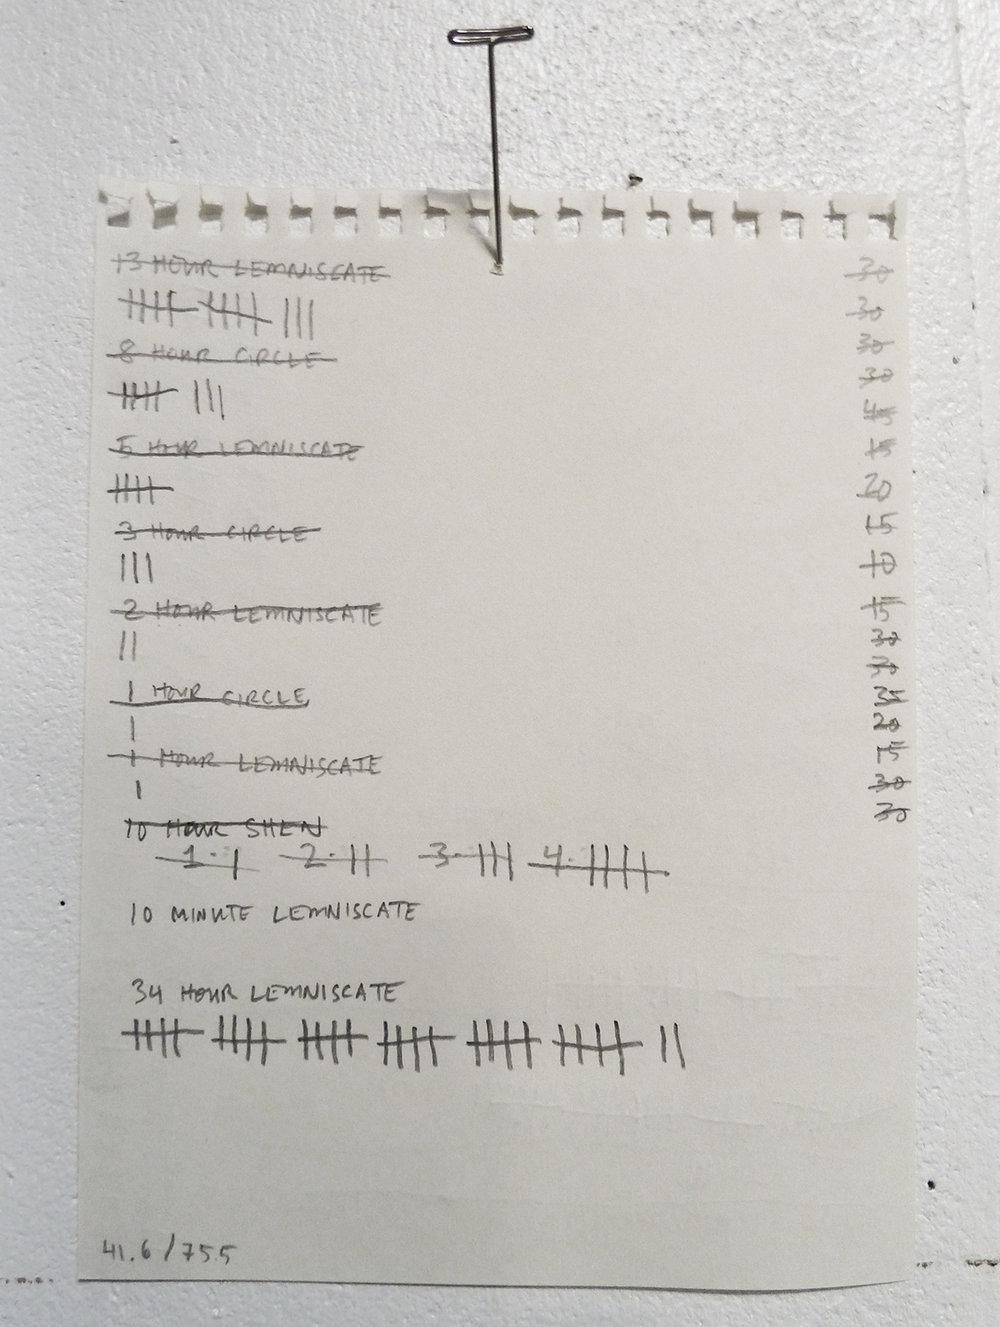 Studio time sheet